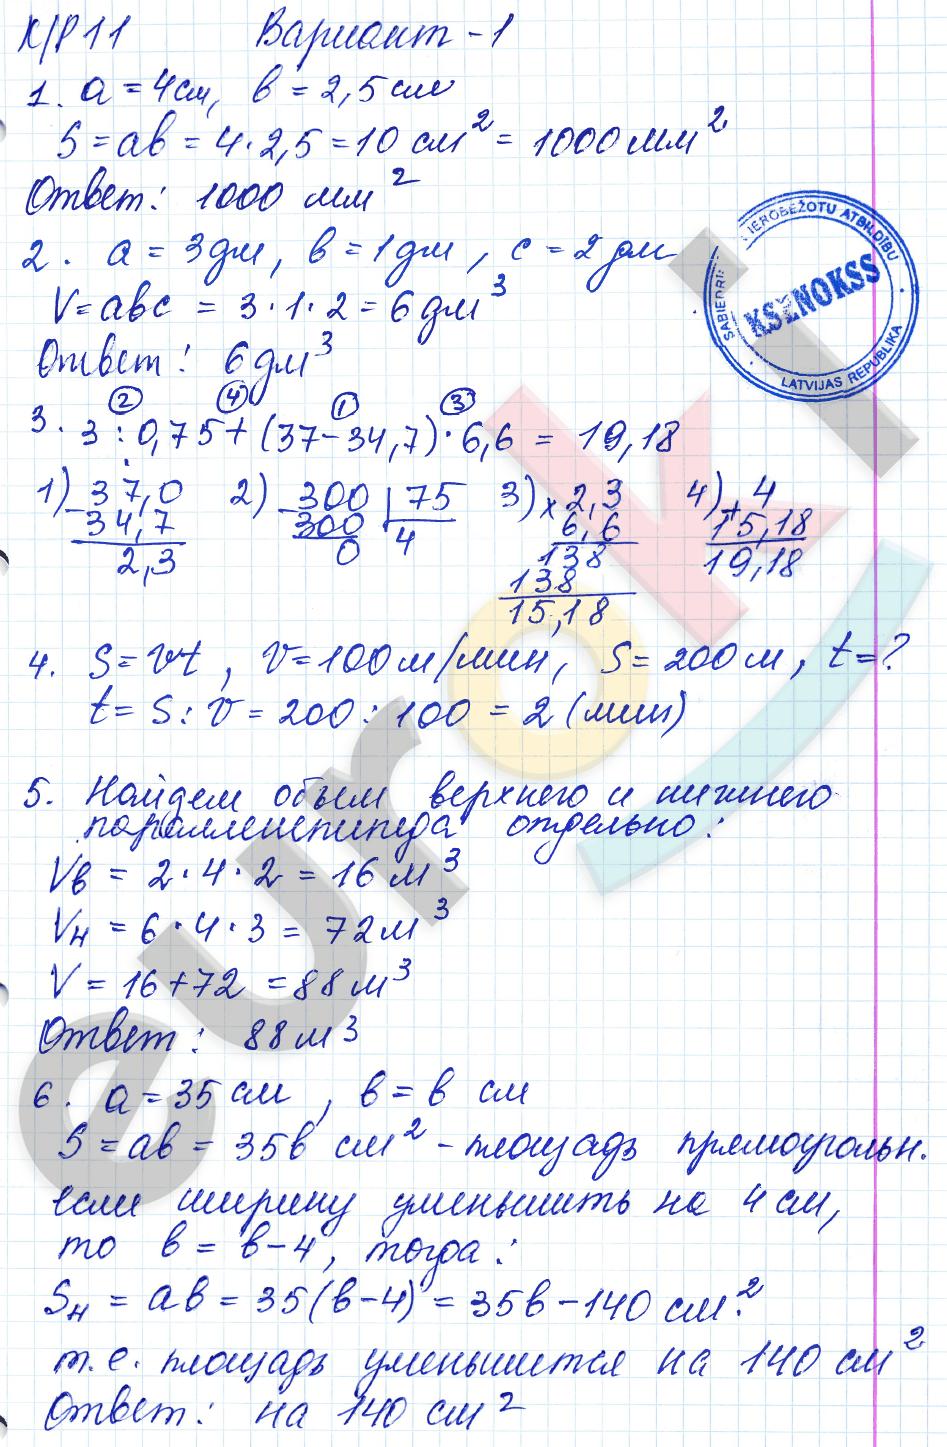 ГДЗ по математике 5 класс контрольные работы Дудницын, Кронгауз Экзамен ответы и решения онлайн КР-11. Площади и объемы. Задание: Вариант 1